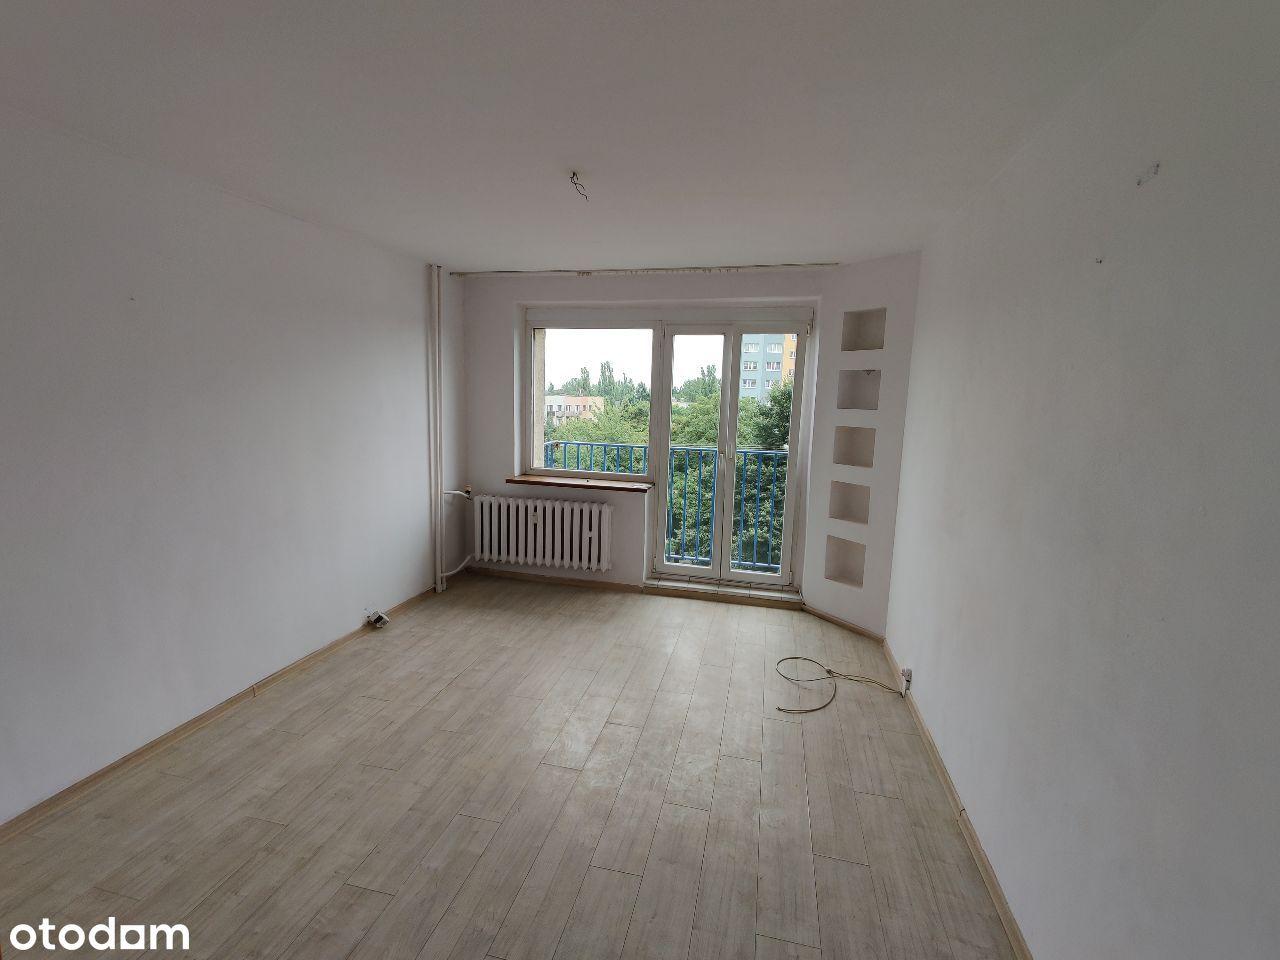 Mieszkanie 2 pokojowe, ul. Nałkowskiej